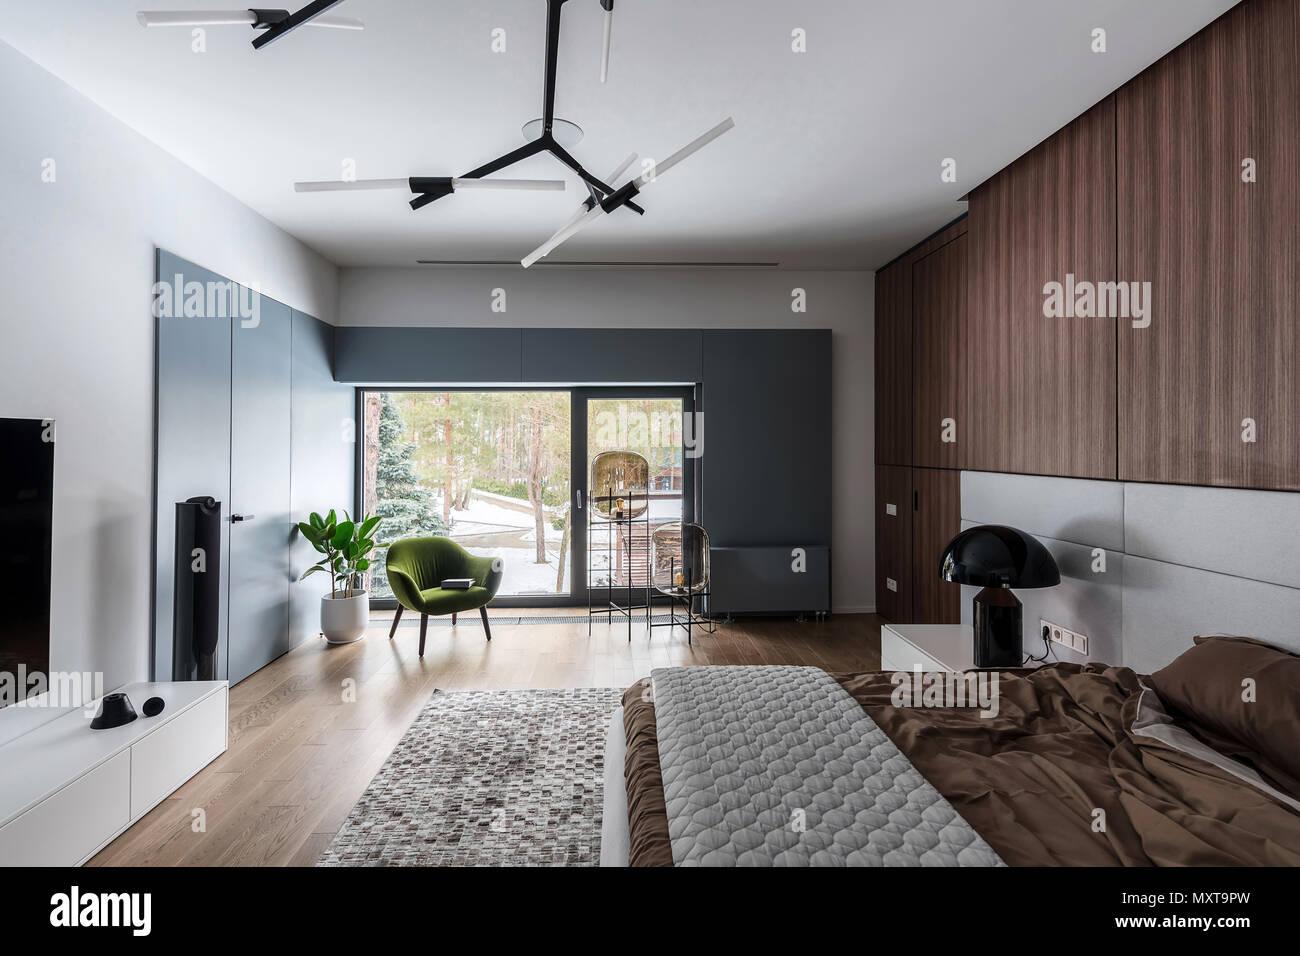 Fußboden Teppich Grau ~ Stilvolle zimmer mit weißen wänden und einem parkettboden mit einem